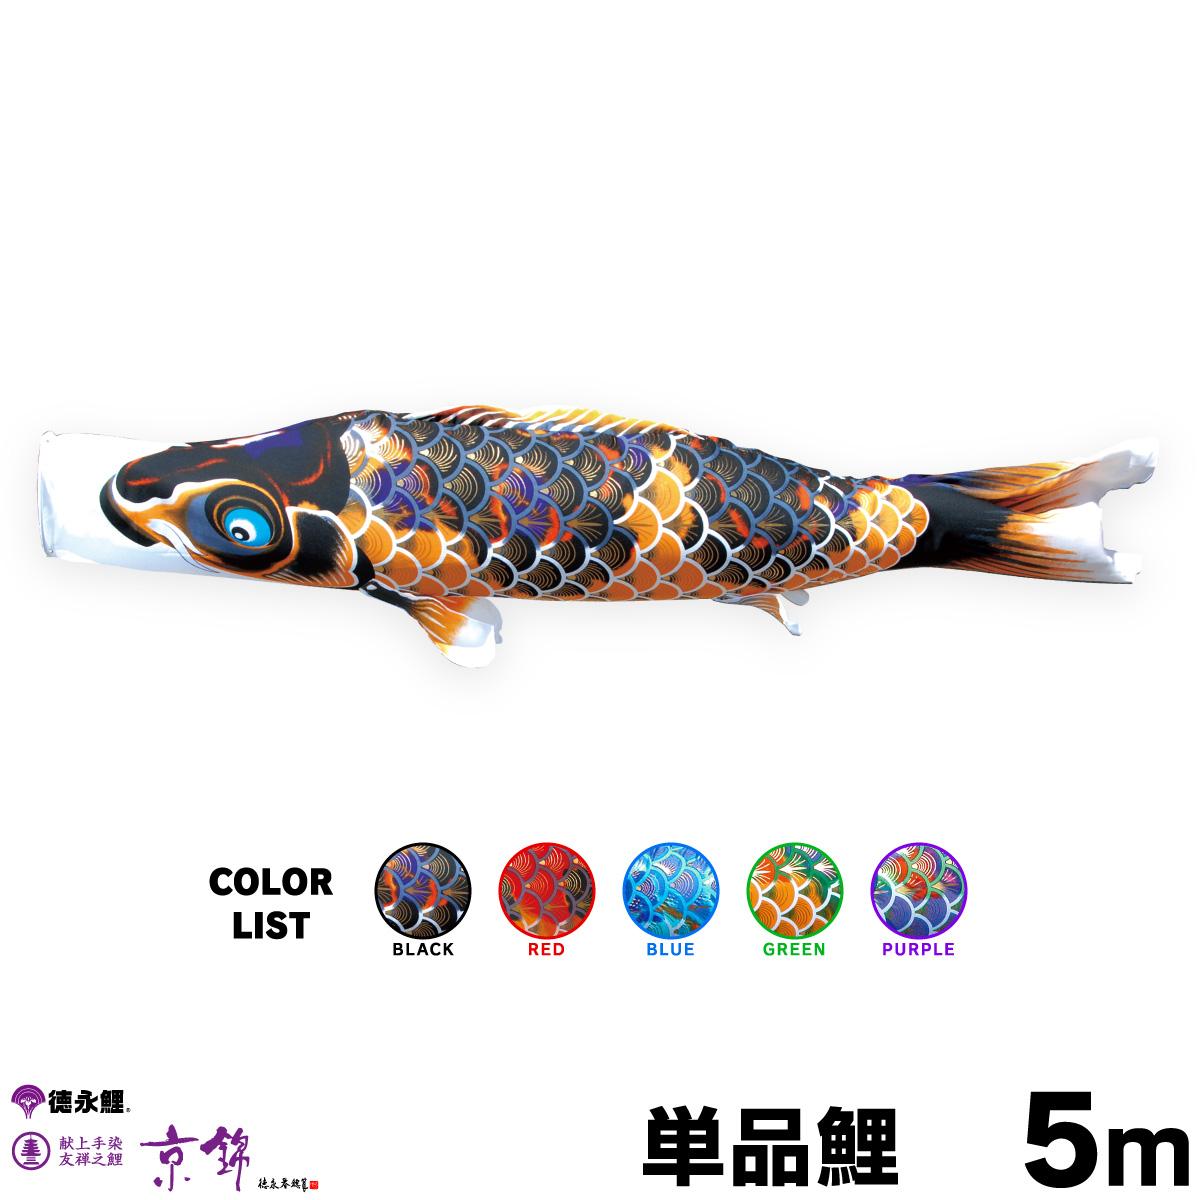 【こいのぼり 単品】 京錦 5m 単品鯉 黒 赤 青 緑 紫